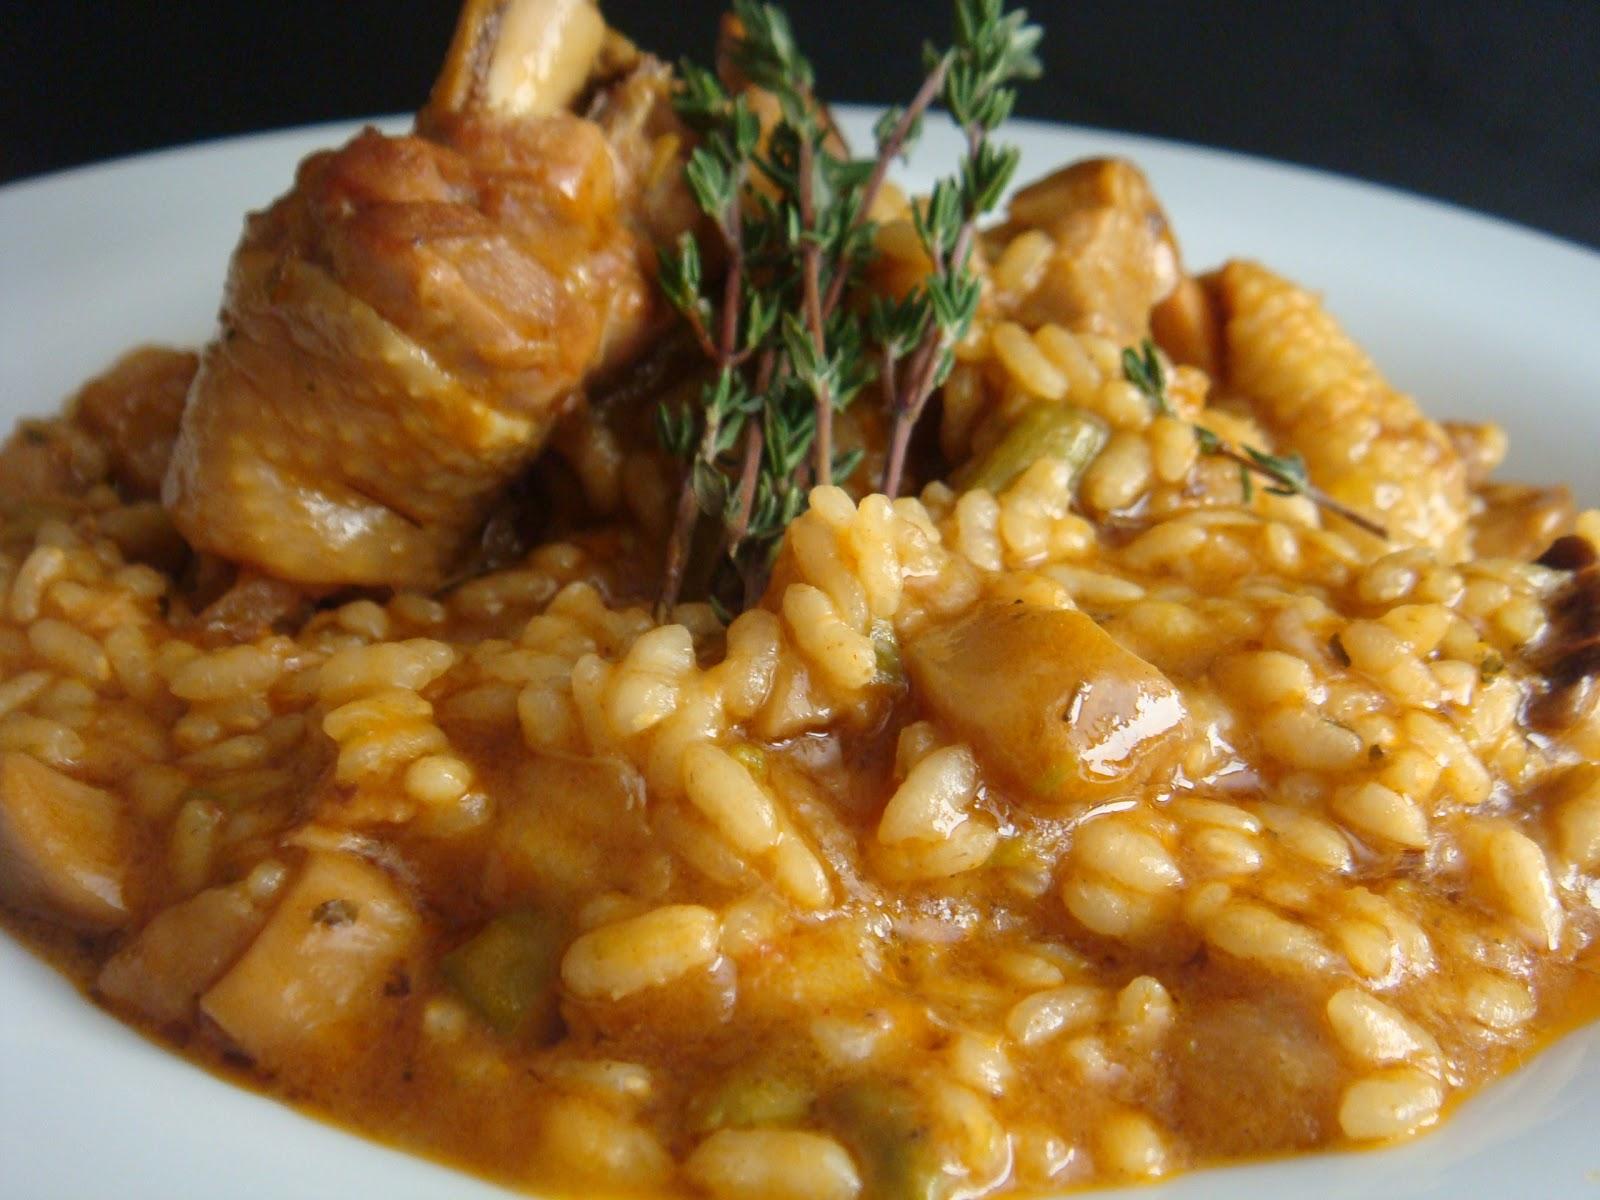 Arroz Caldoso Con Setas Y Pollo tomates verdes fritos: arroz meloso campero